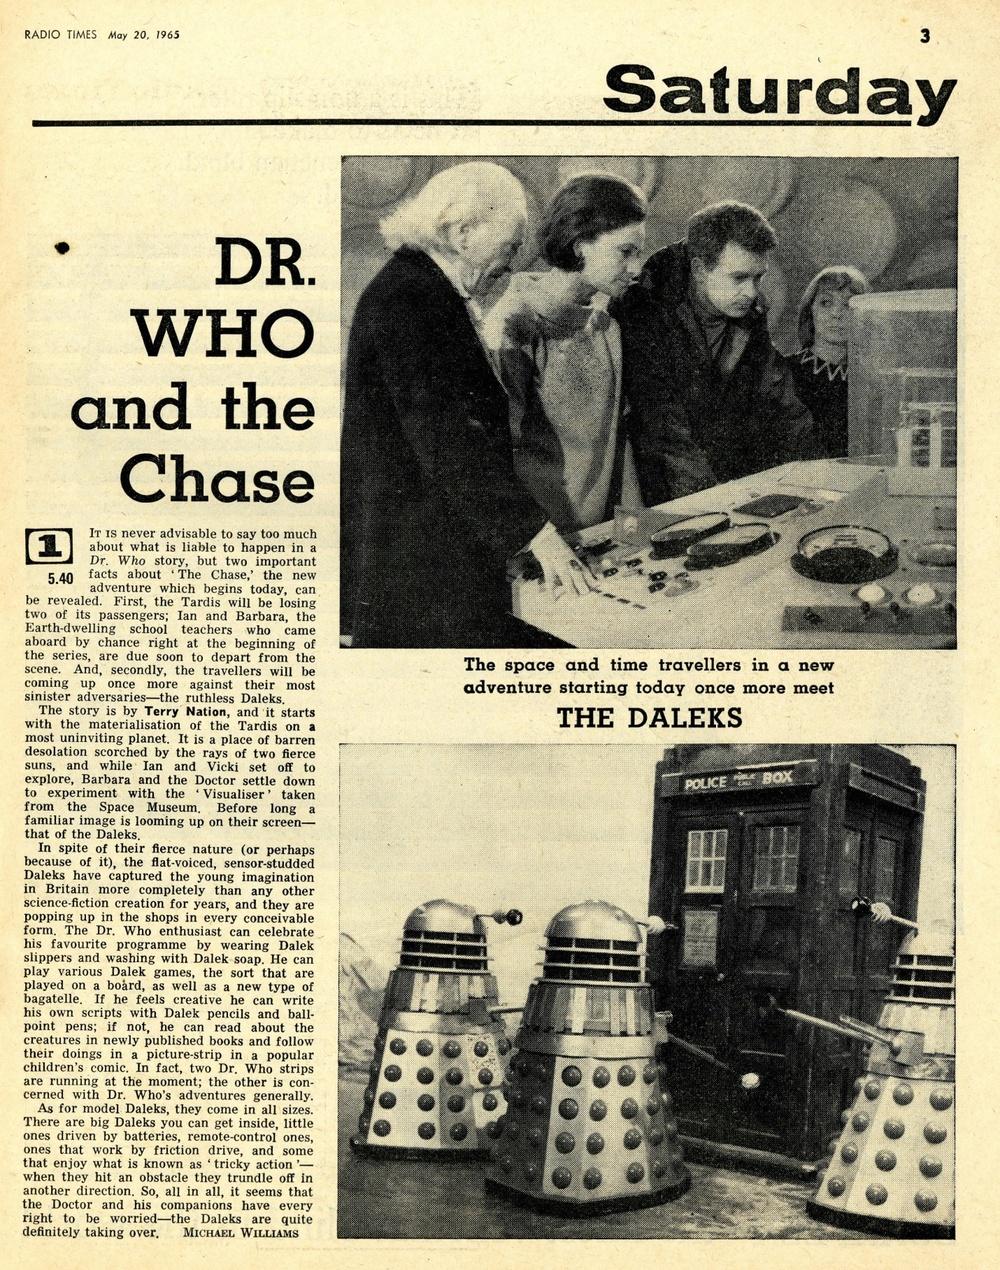 Radio Times, May 22-28, 1965